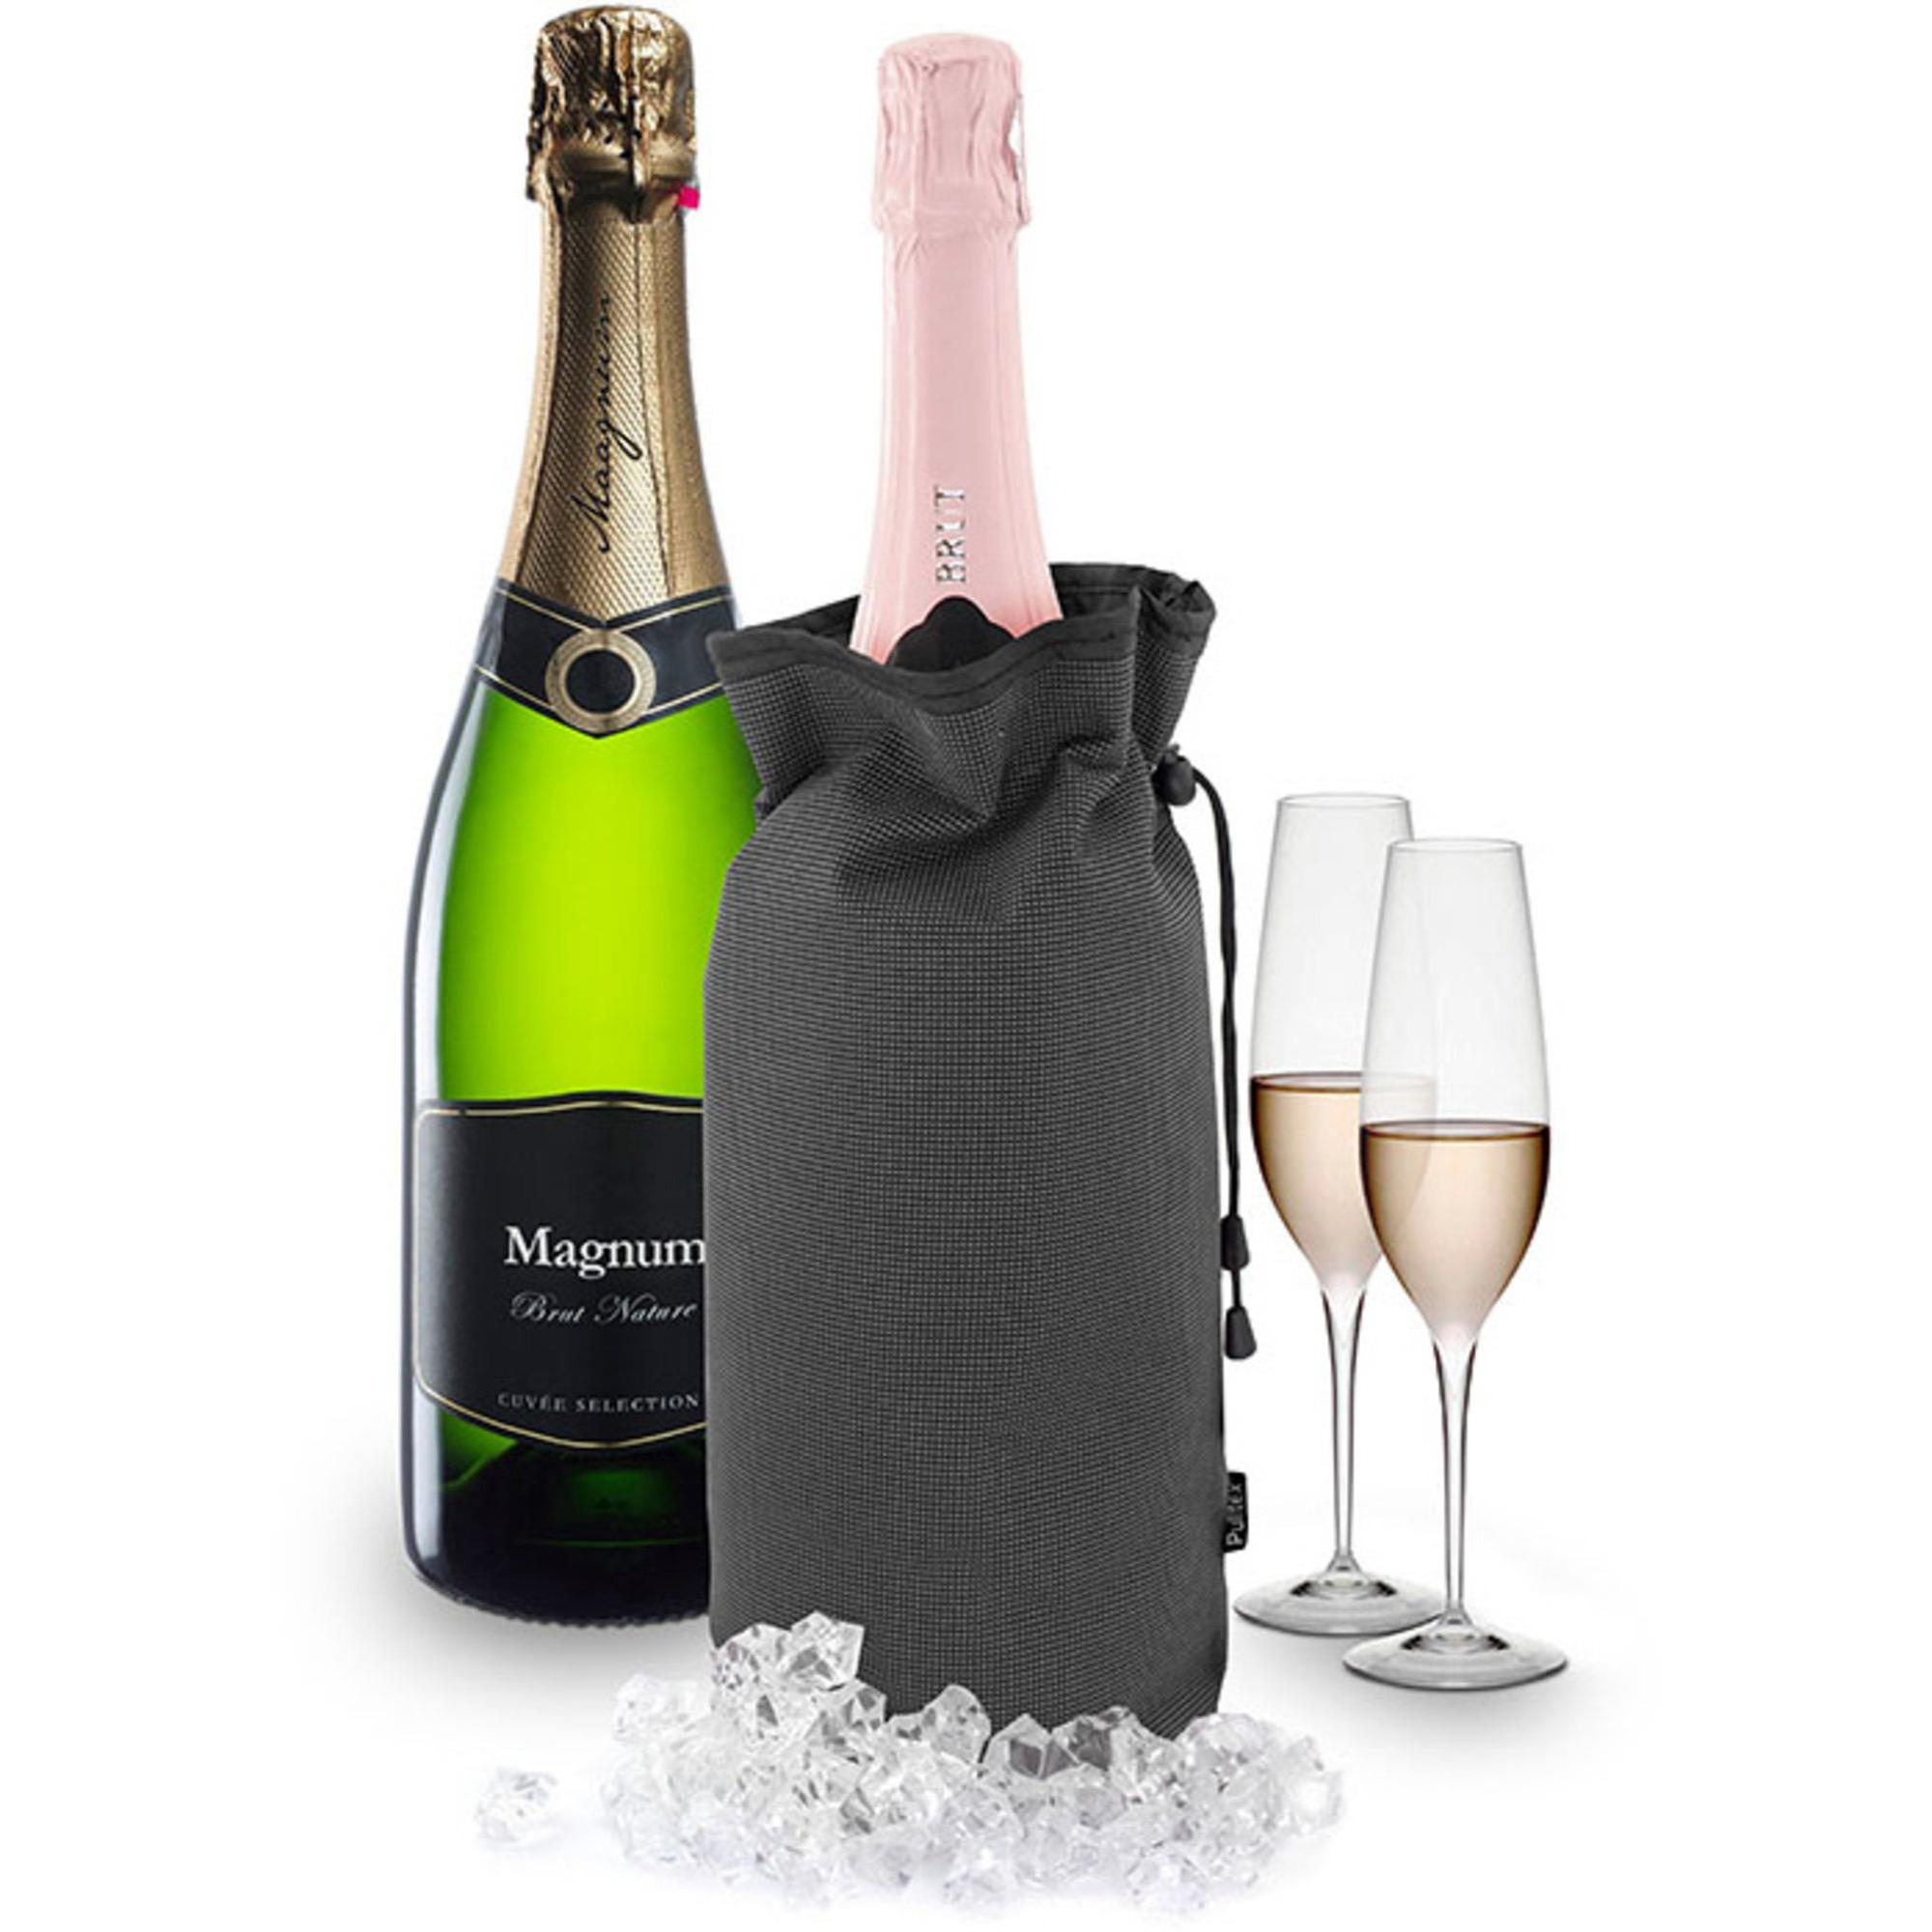 Pulltex Champagnekylare för magnumflaskor grå